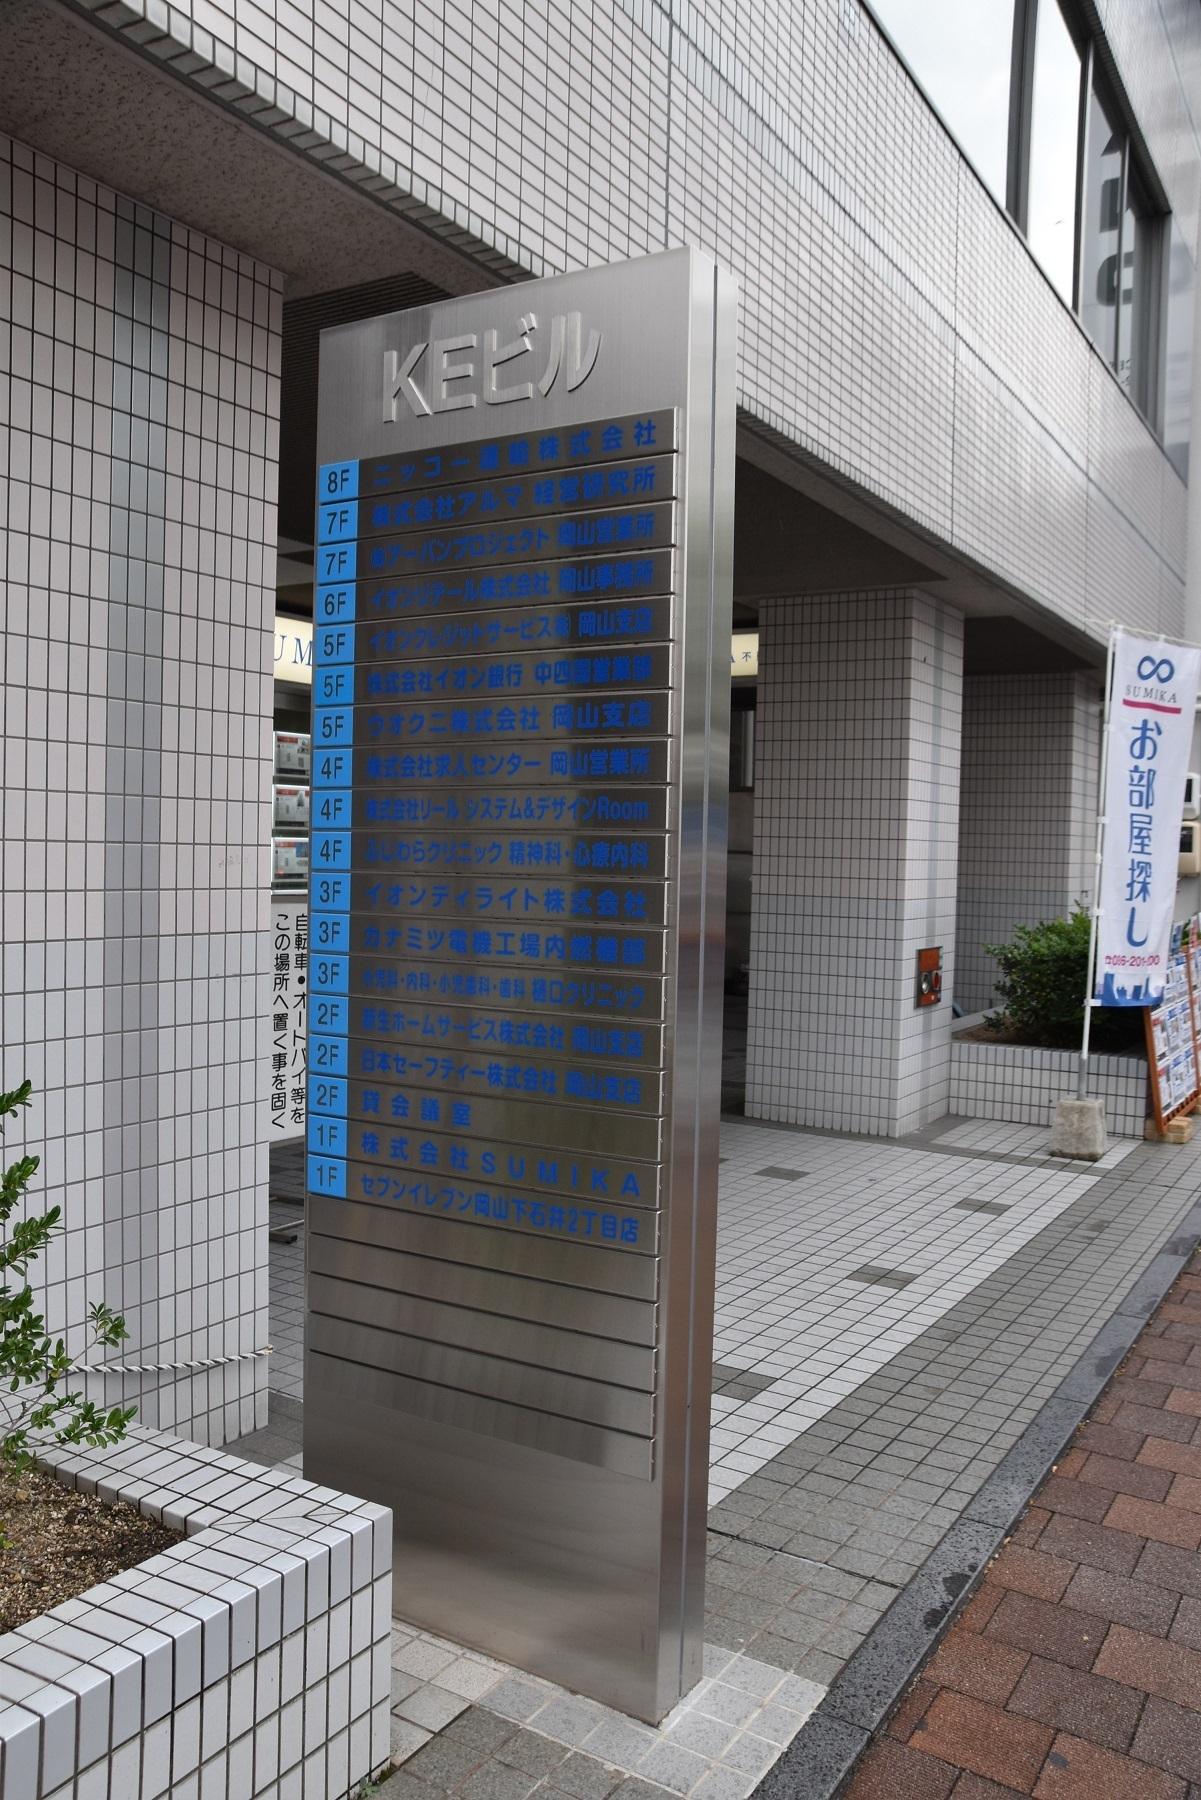 会社 日本 セーフティー 株式